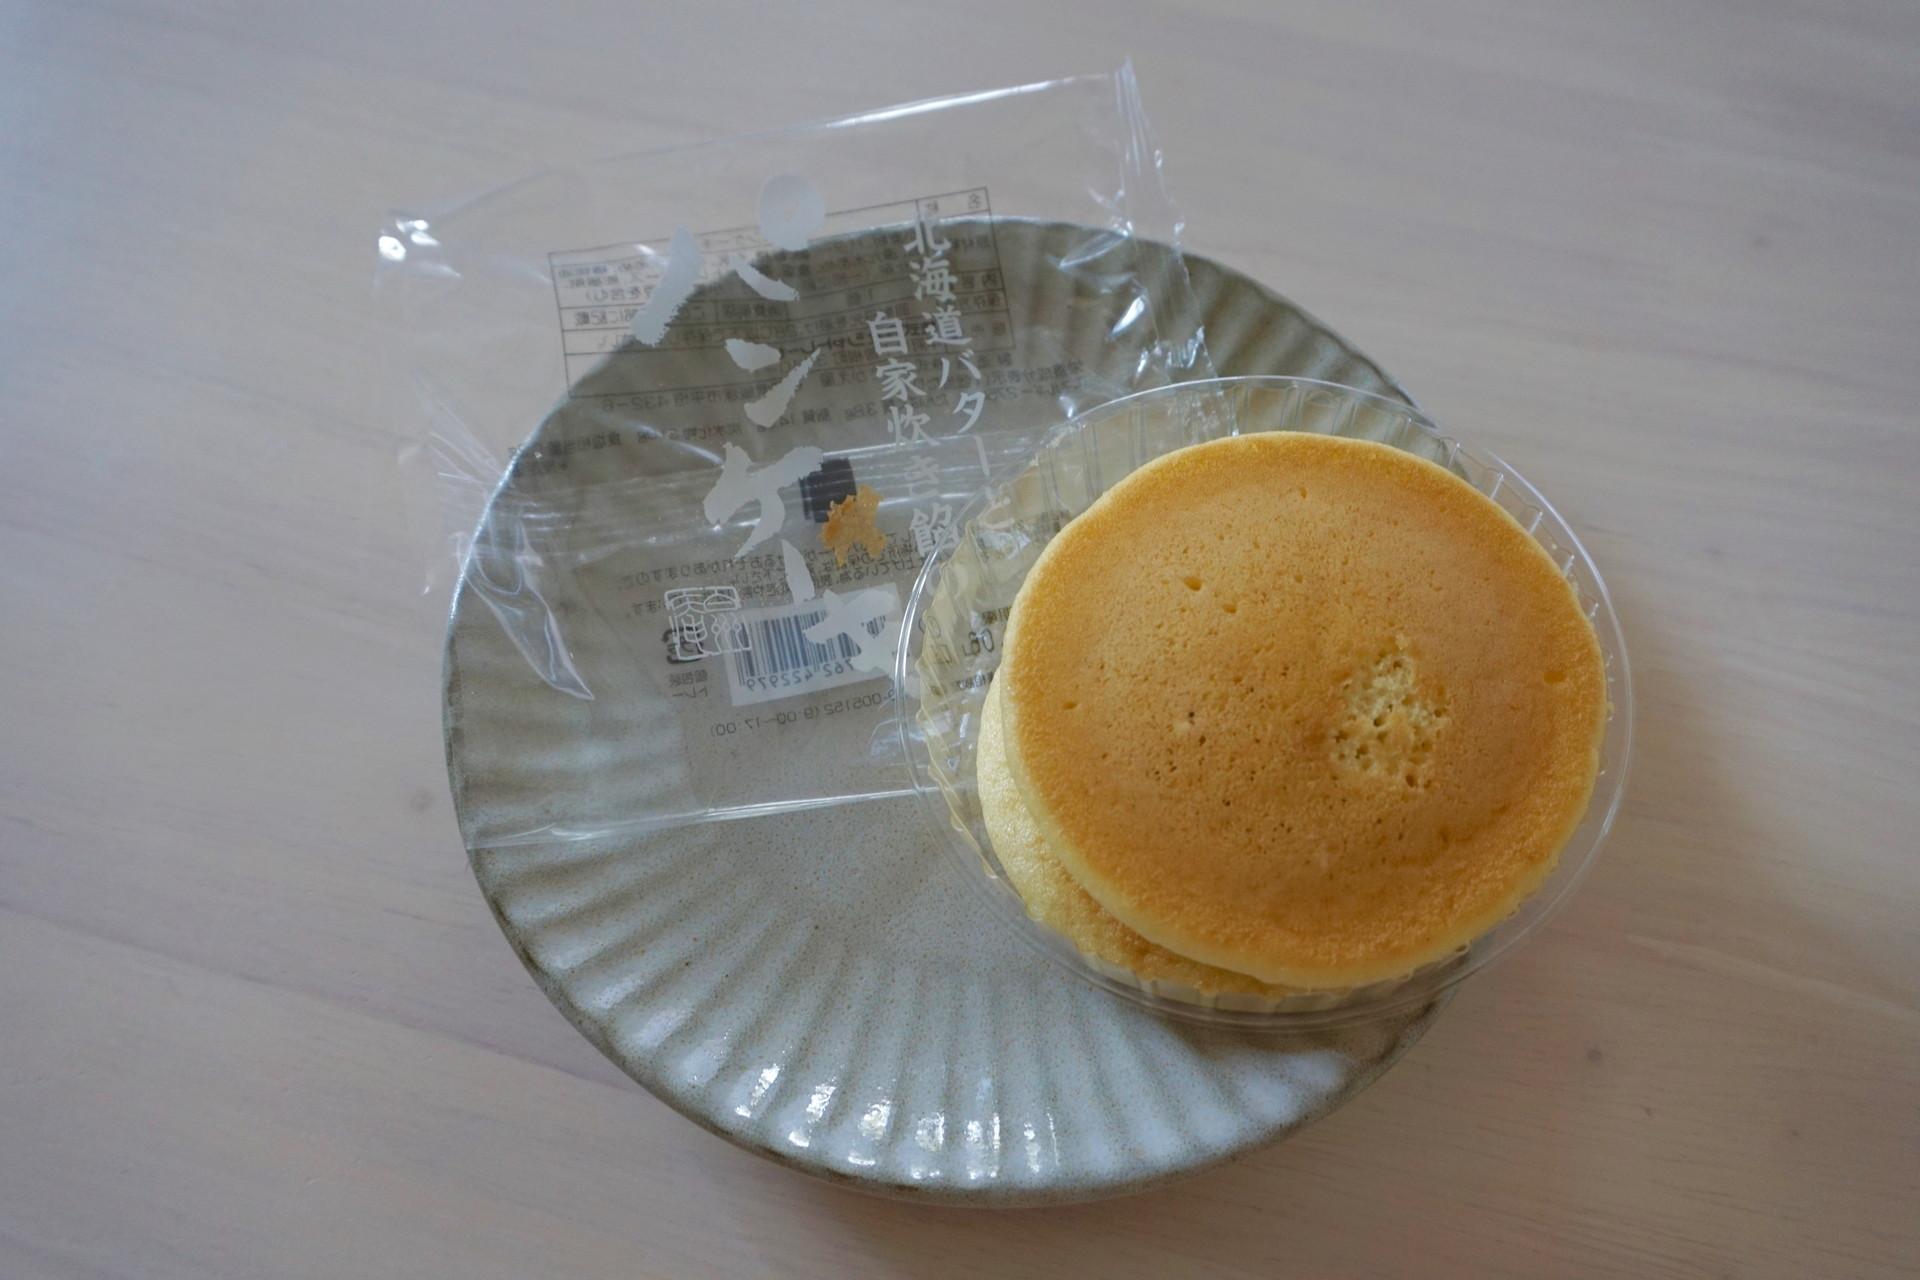 【シャトレーゼ】どら焼きみたいなパンケーキを実食!そのお味は?